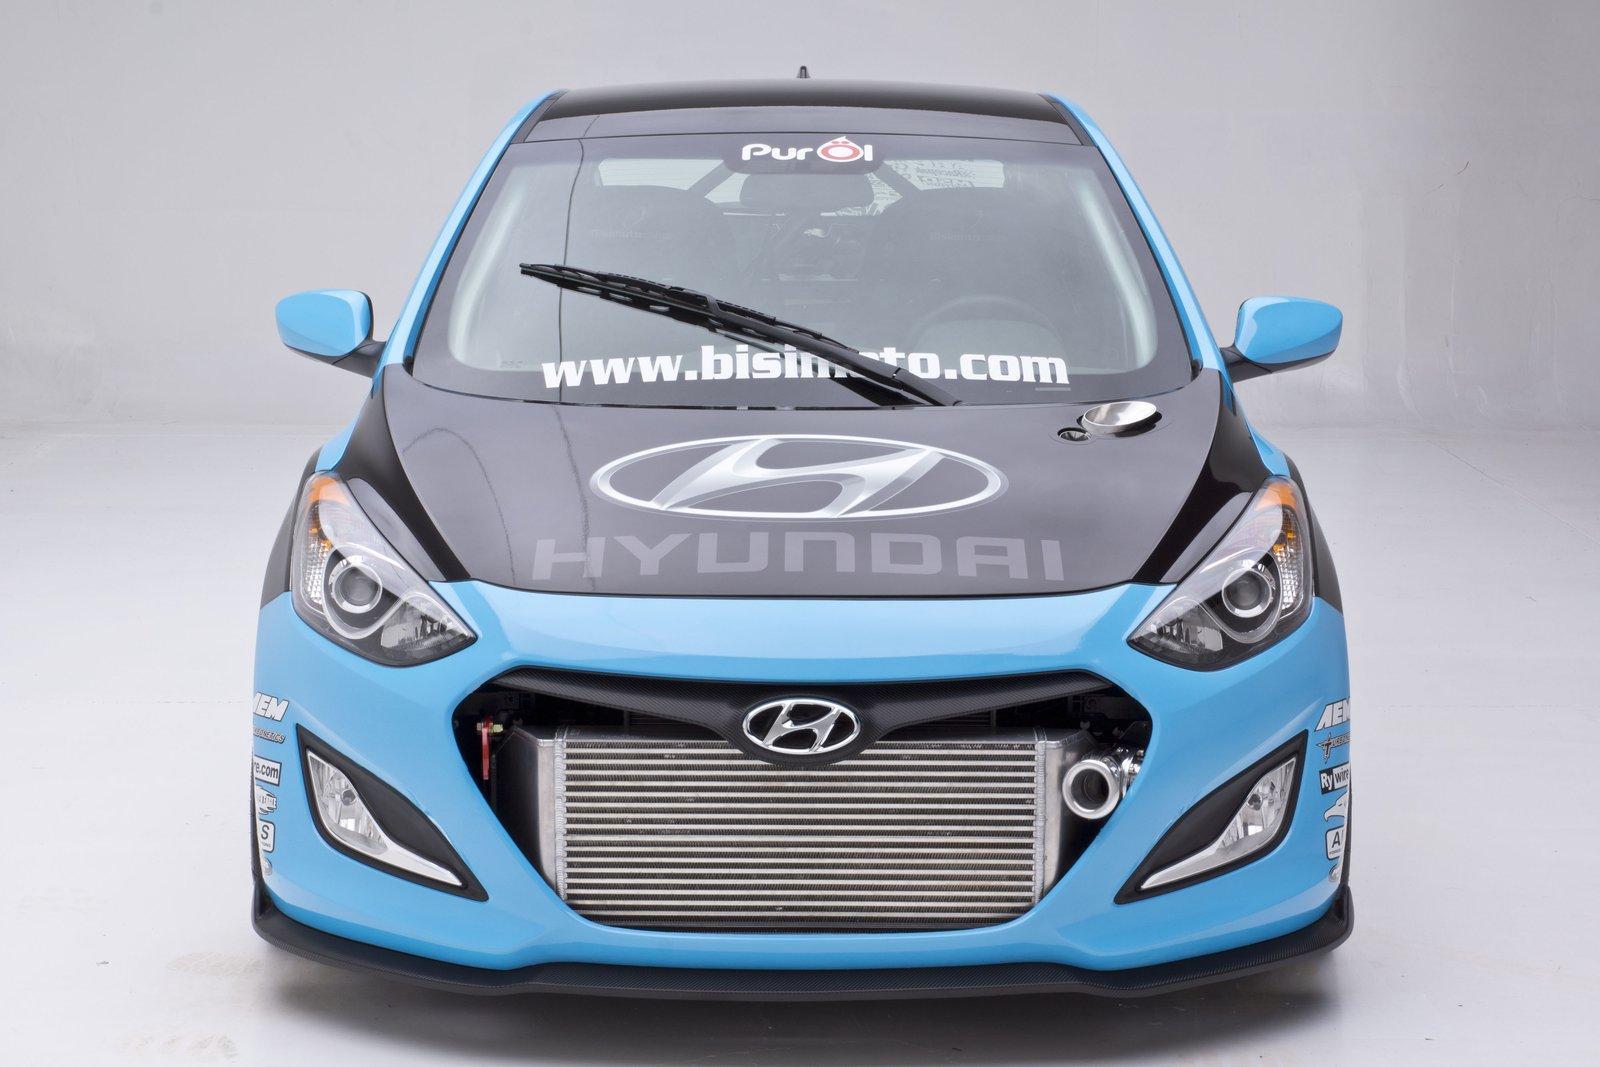 Звездите от SEMA 2012: Вижте мощната 600 к.с. Hyundai Elantra GT (ВИДЕО)